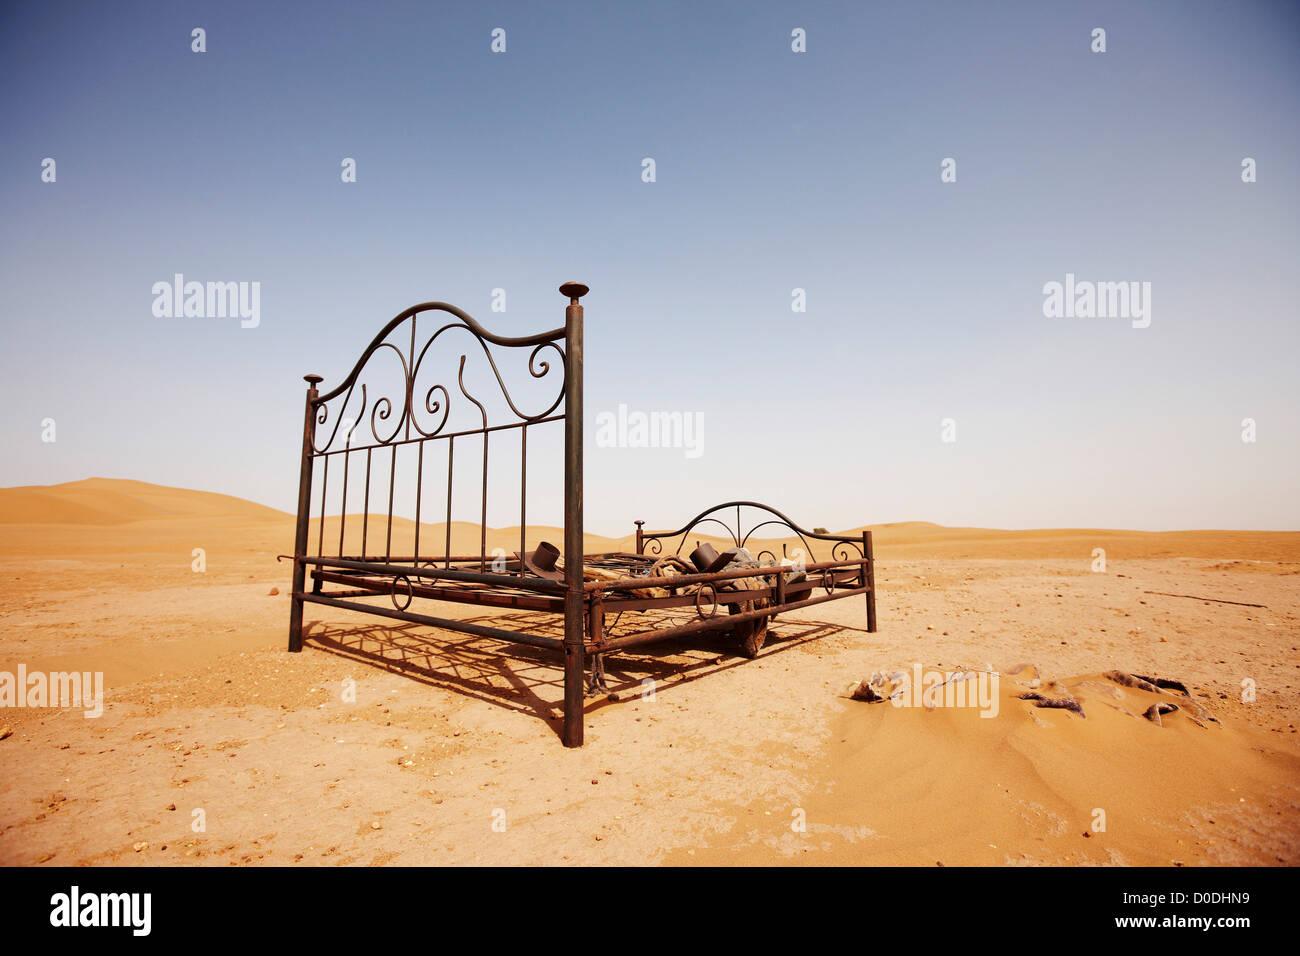 Bed frame abandoned in dunes, Erg Chegaga, interior Sahara Desert, Morocco - Stock Image